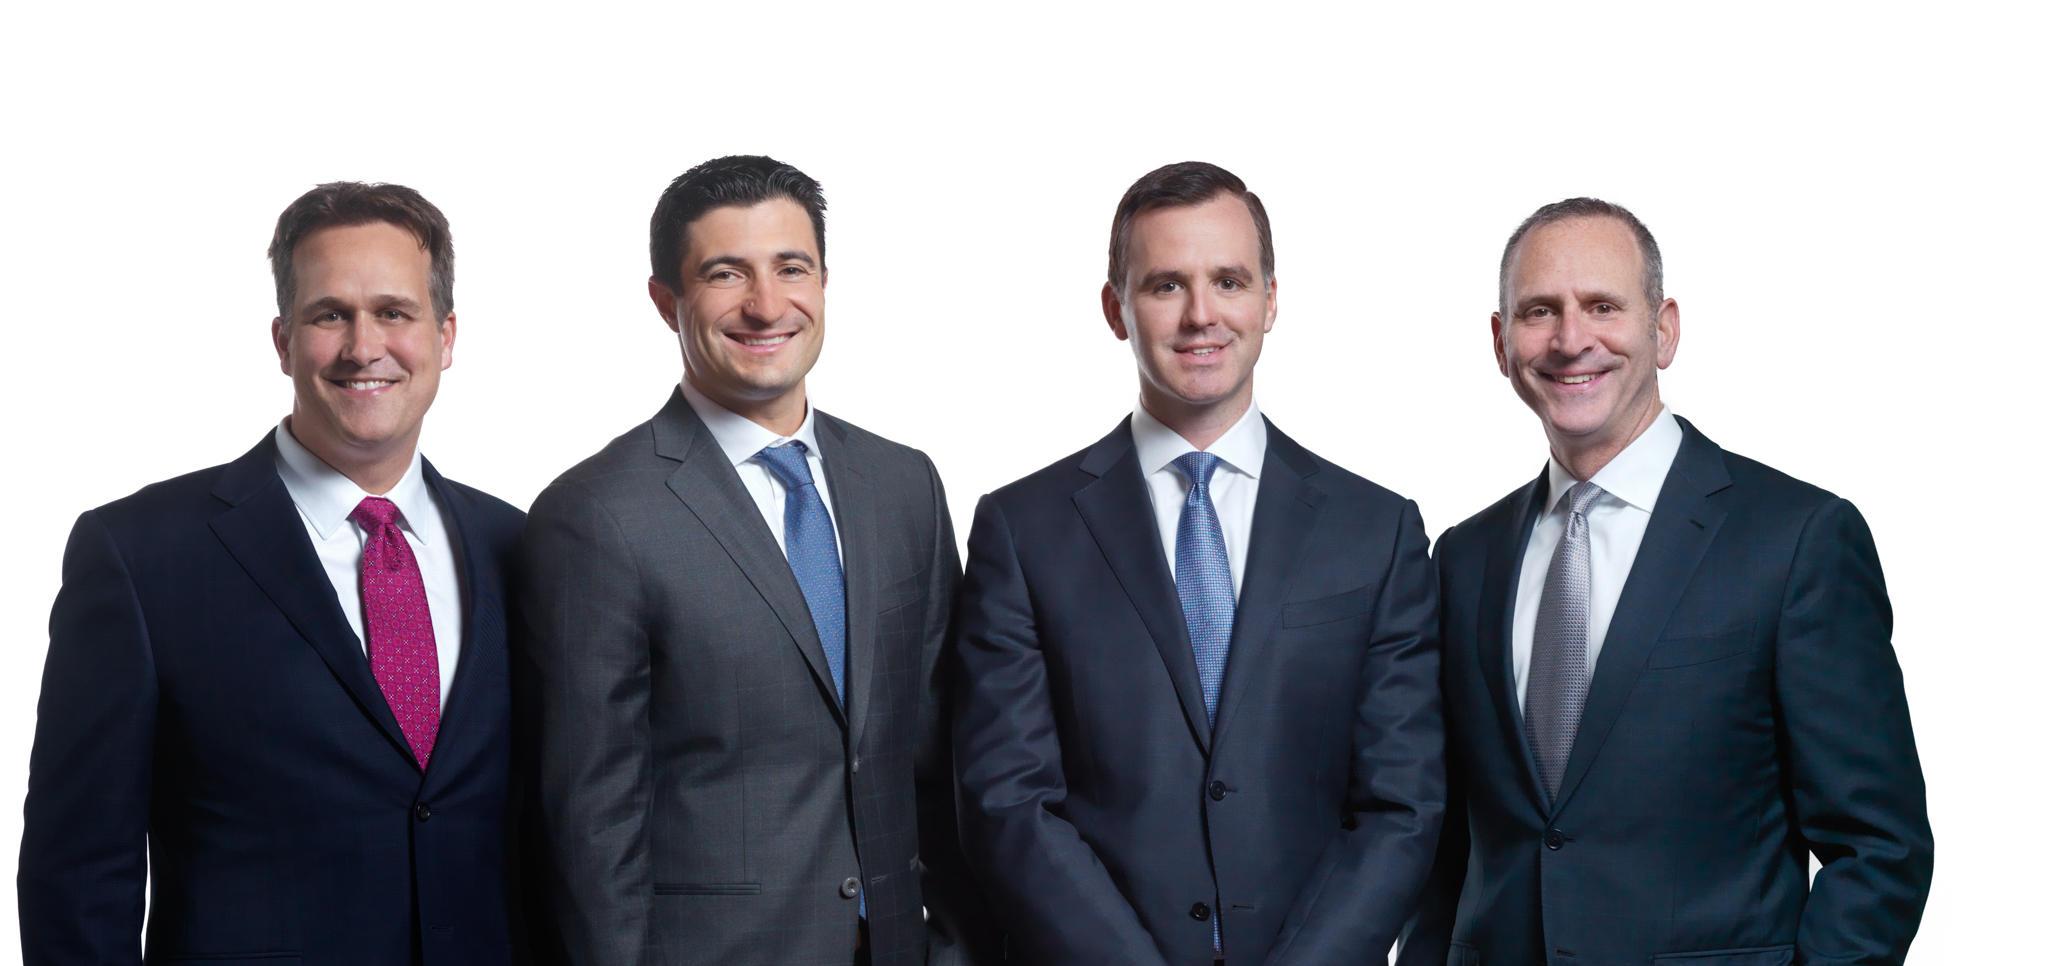 Taxman, Pollock, Murray & Bekkerman, LLC image 1